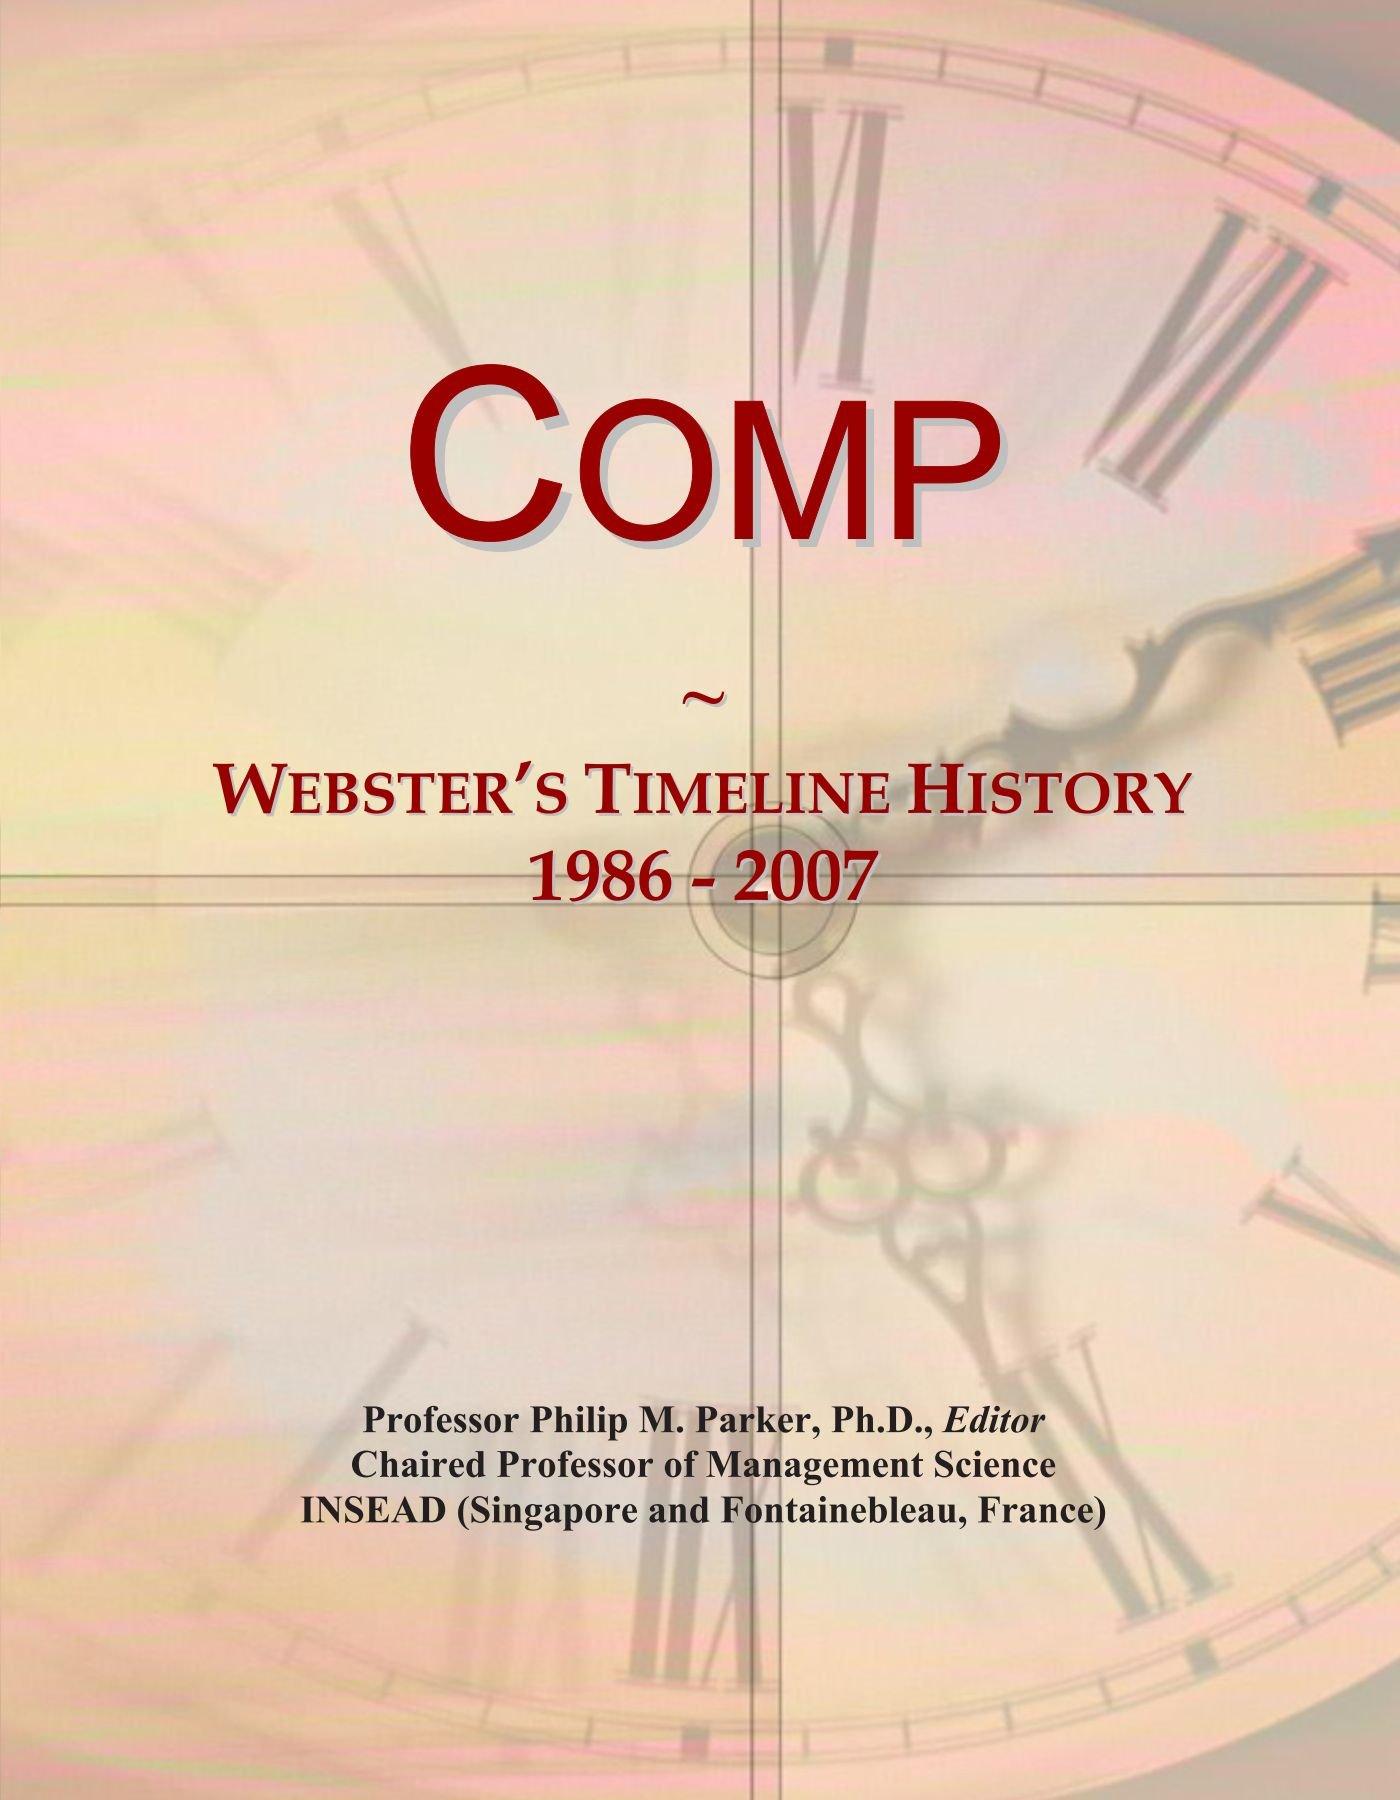 Comp: Webster's Timeline History, 1986 - 2007 PDF